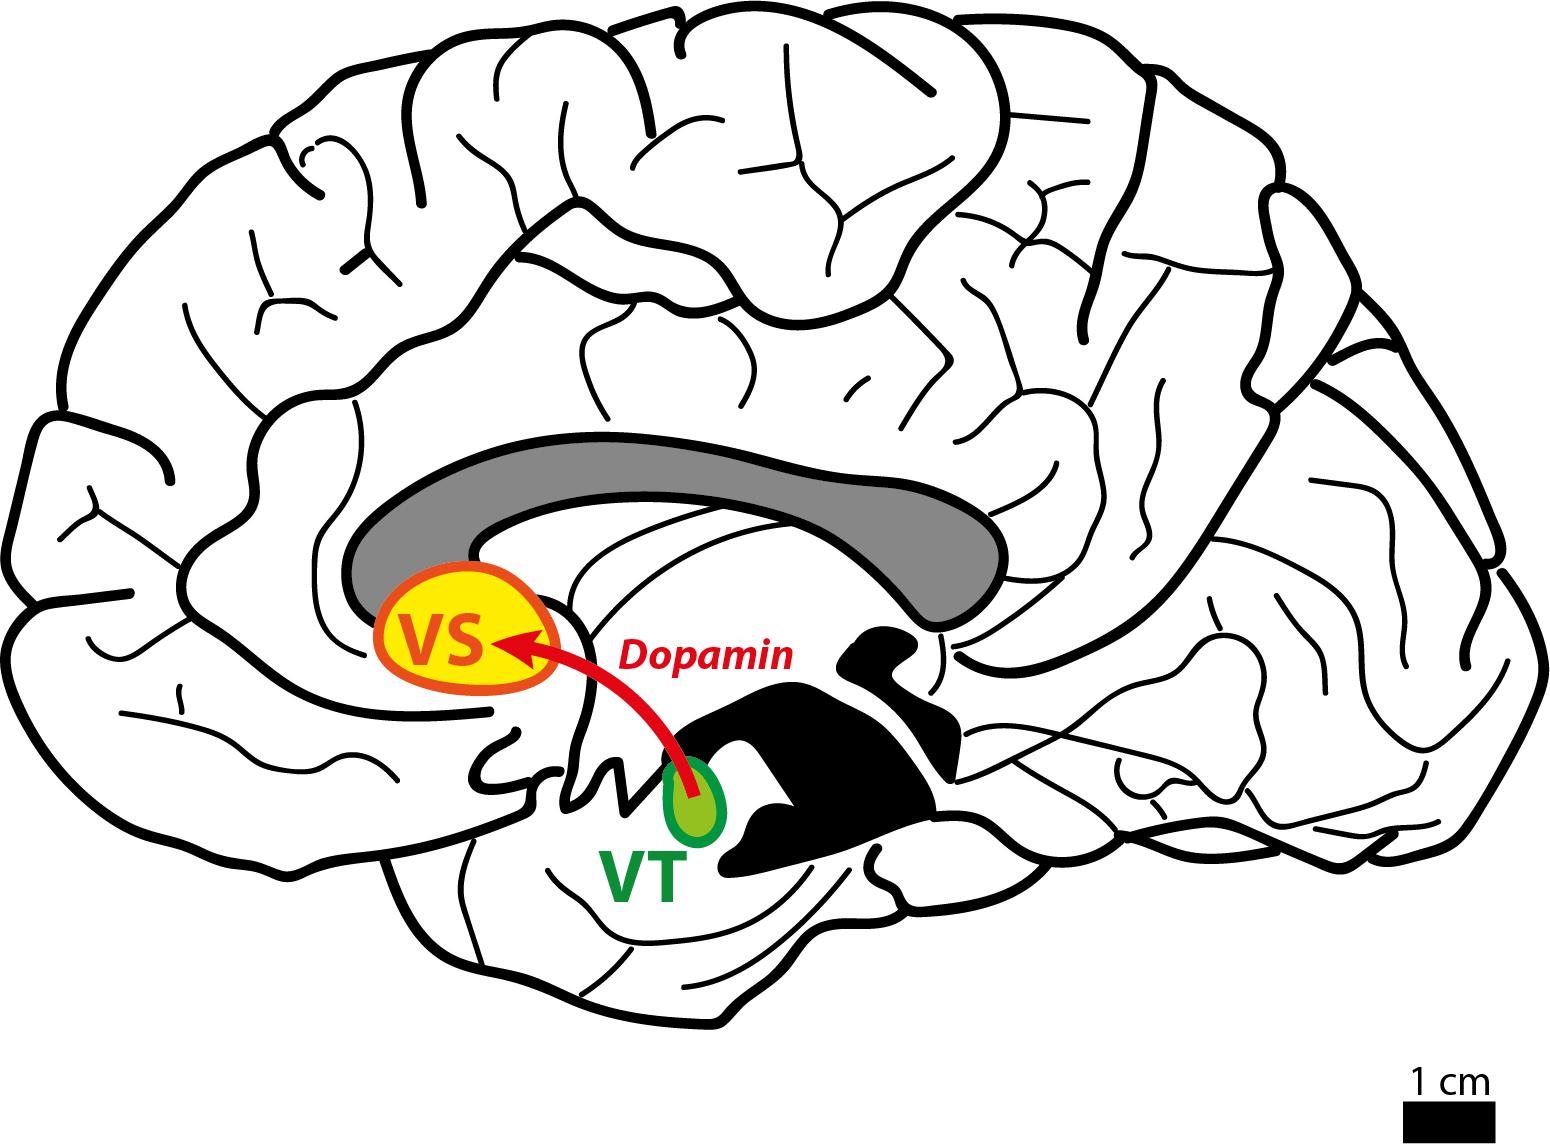 melyik agyrész felelős a merevedésért